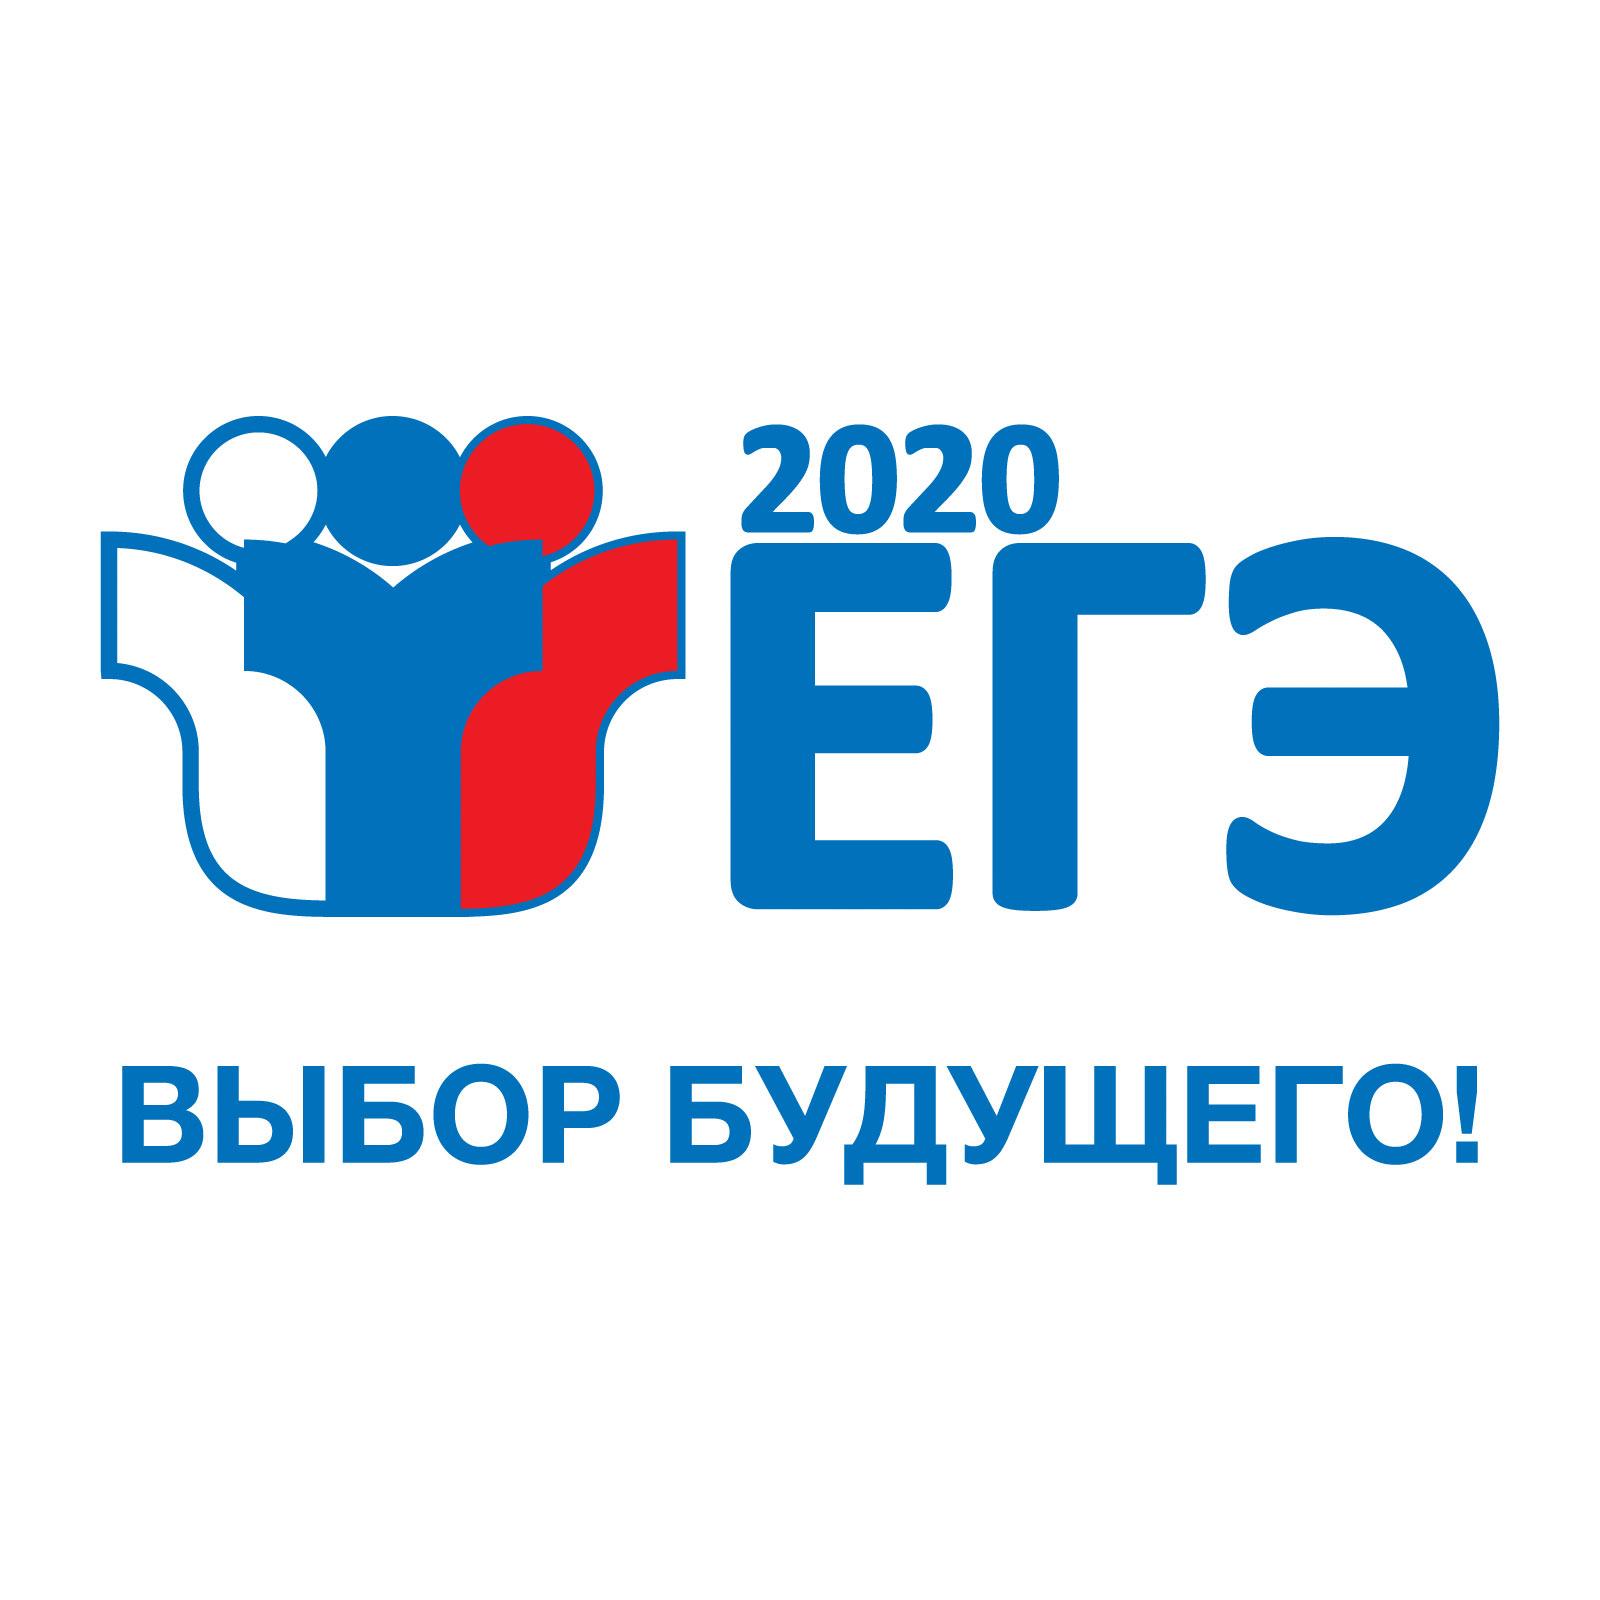 ЕГЭ-2020 — ссылка на официальный портал единого государственного экзамена